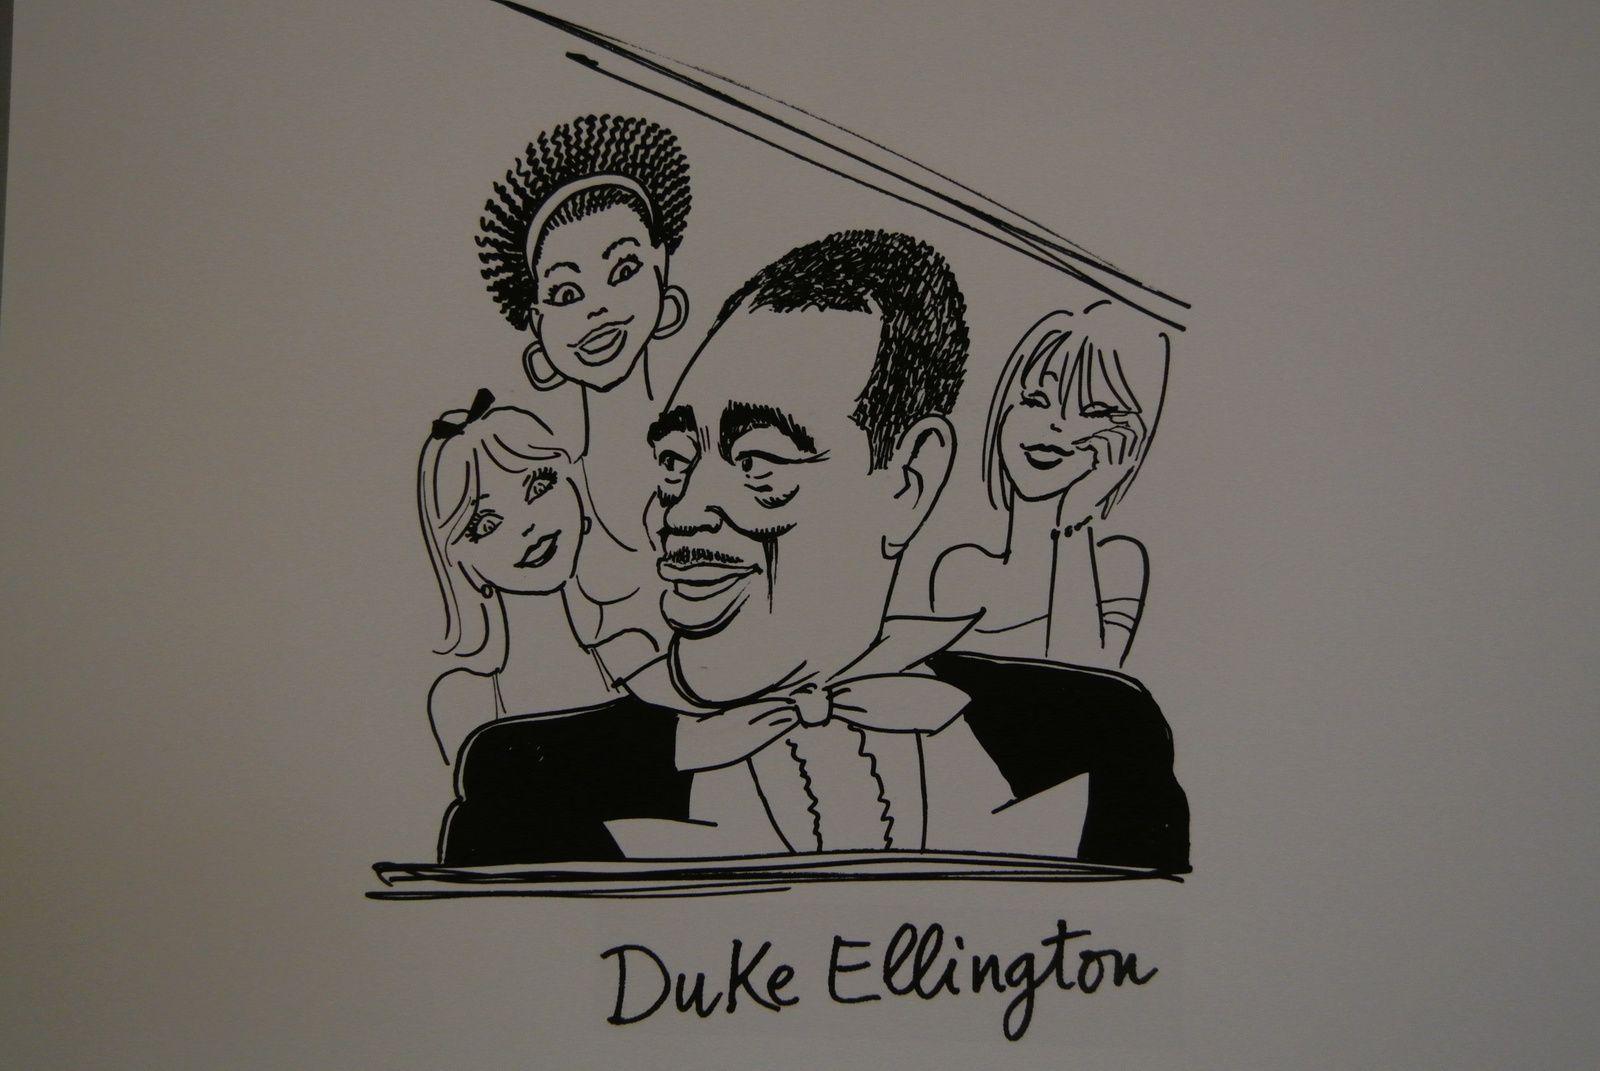 DUKE ELLINGTON SELON CABU